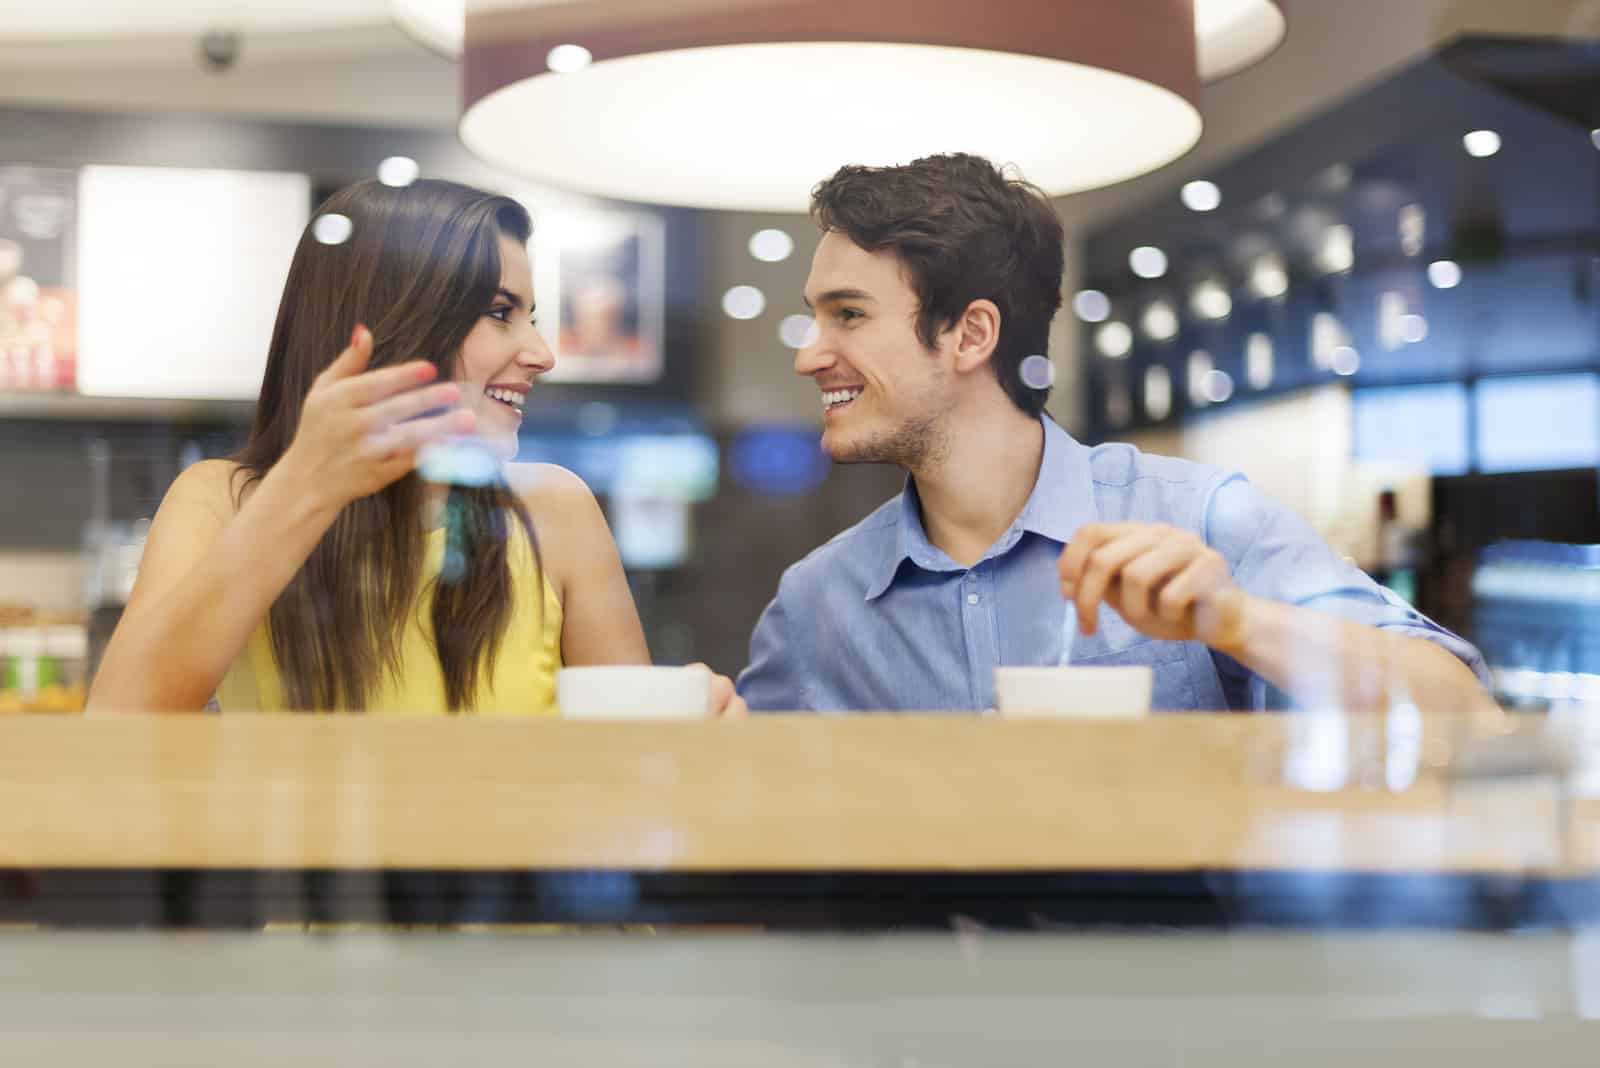 un homme et une femme sont assis en train de boire du café et de parler